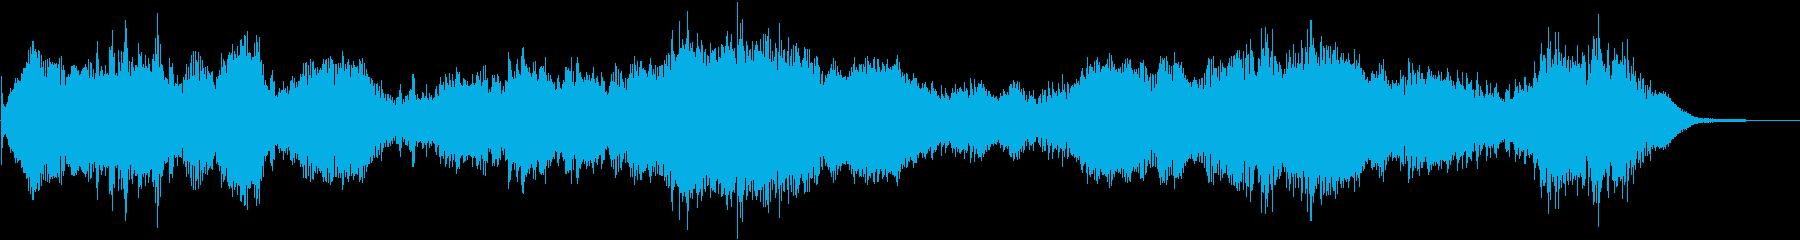 ホエールウォッチャードローンの再生済みの波形